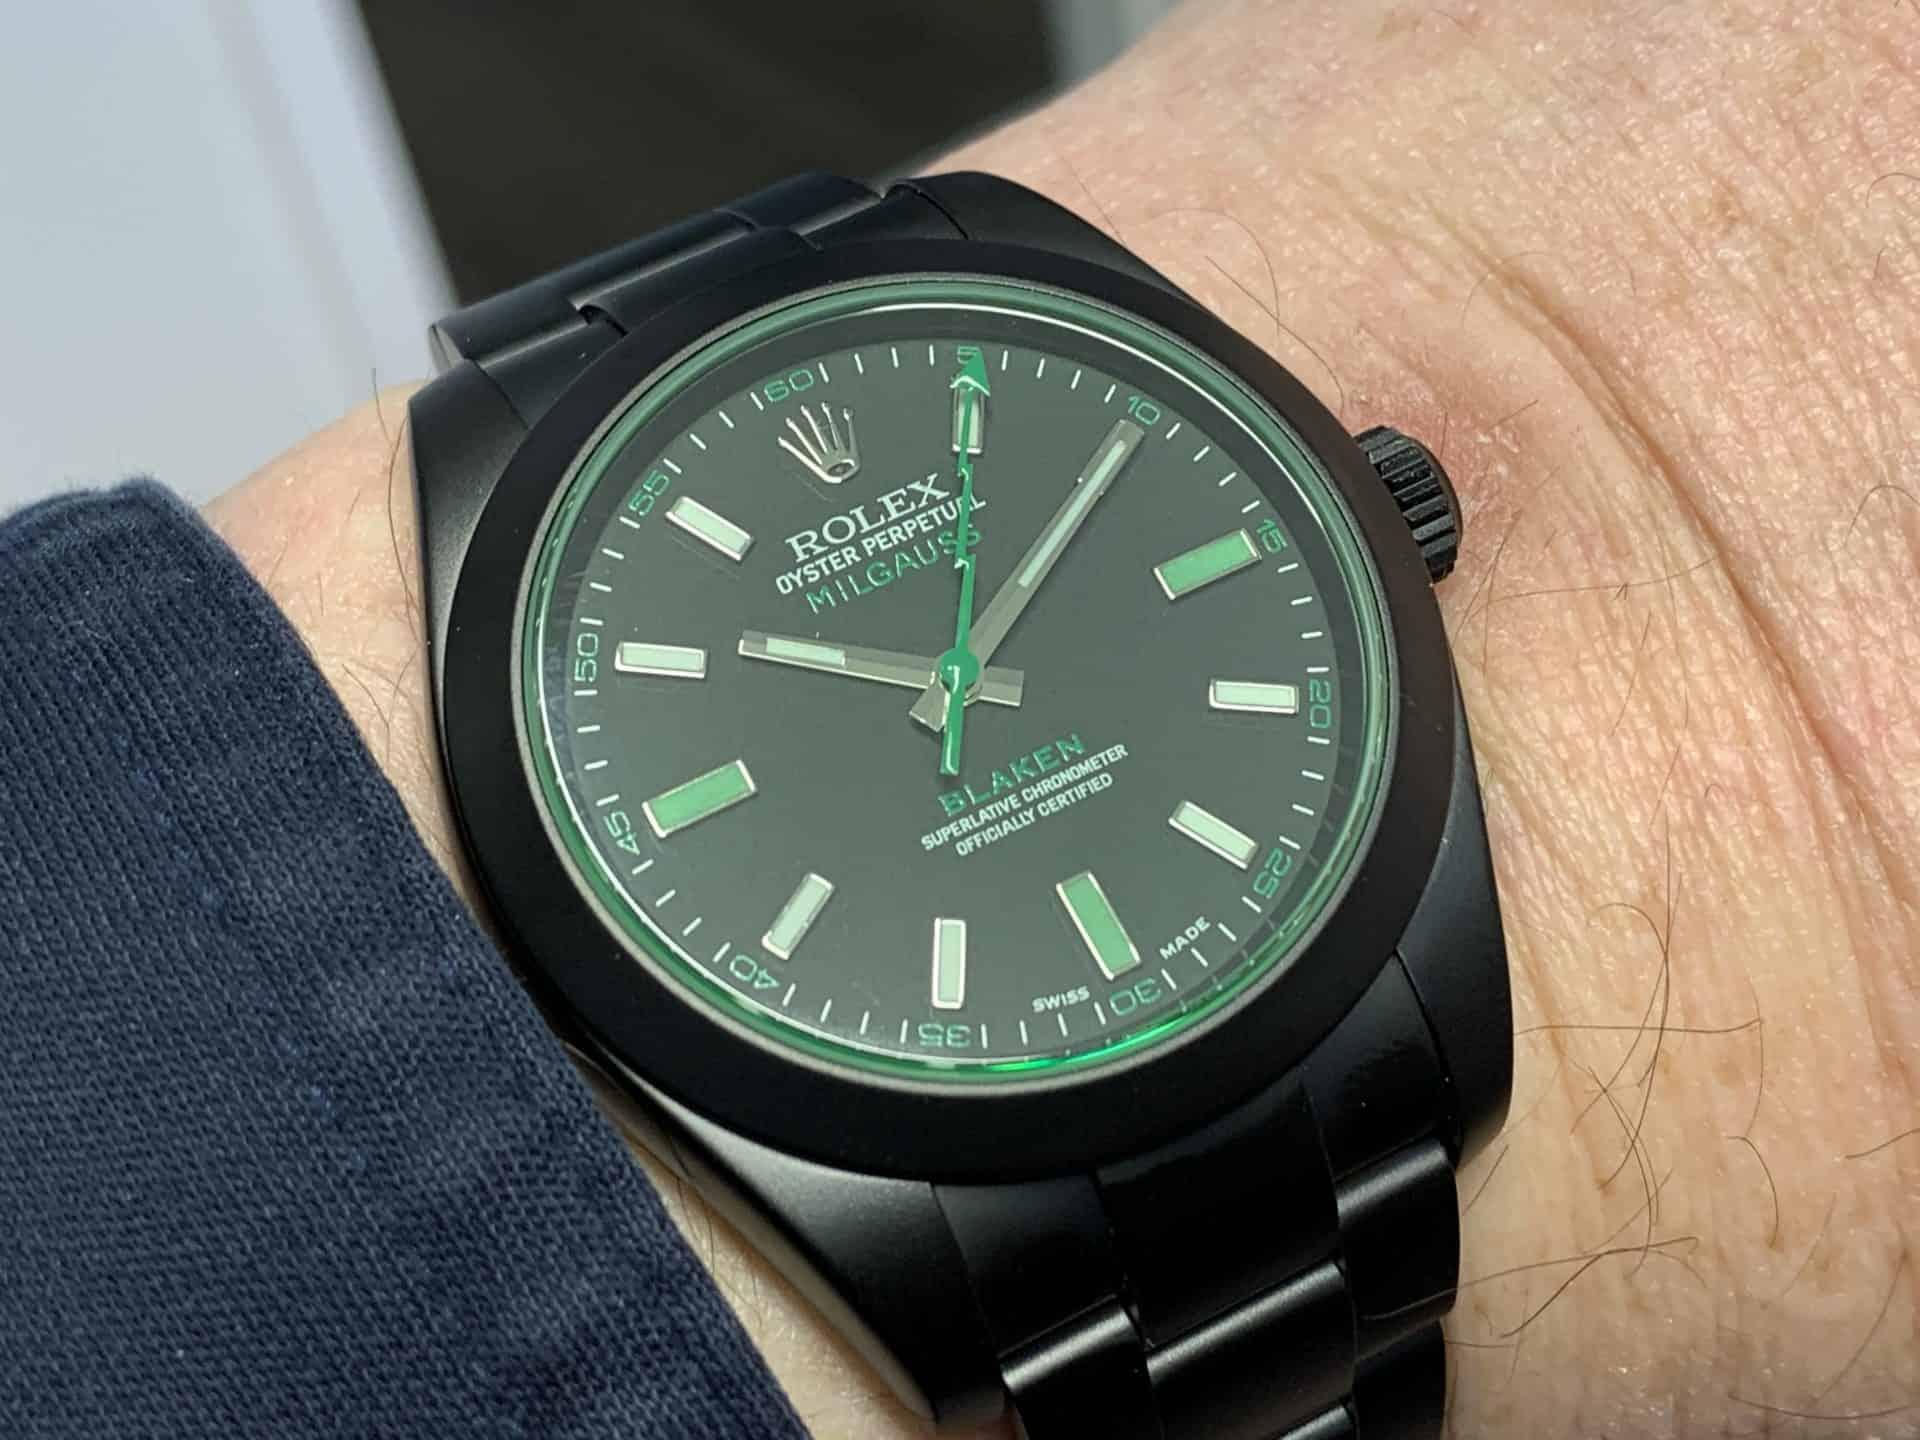 Grün und Amagnetisch bis 1000 Gauss: die von Blaken getunte Rolex Oyster Perpetual Milgauss, Referenz 116400GV